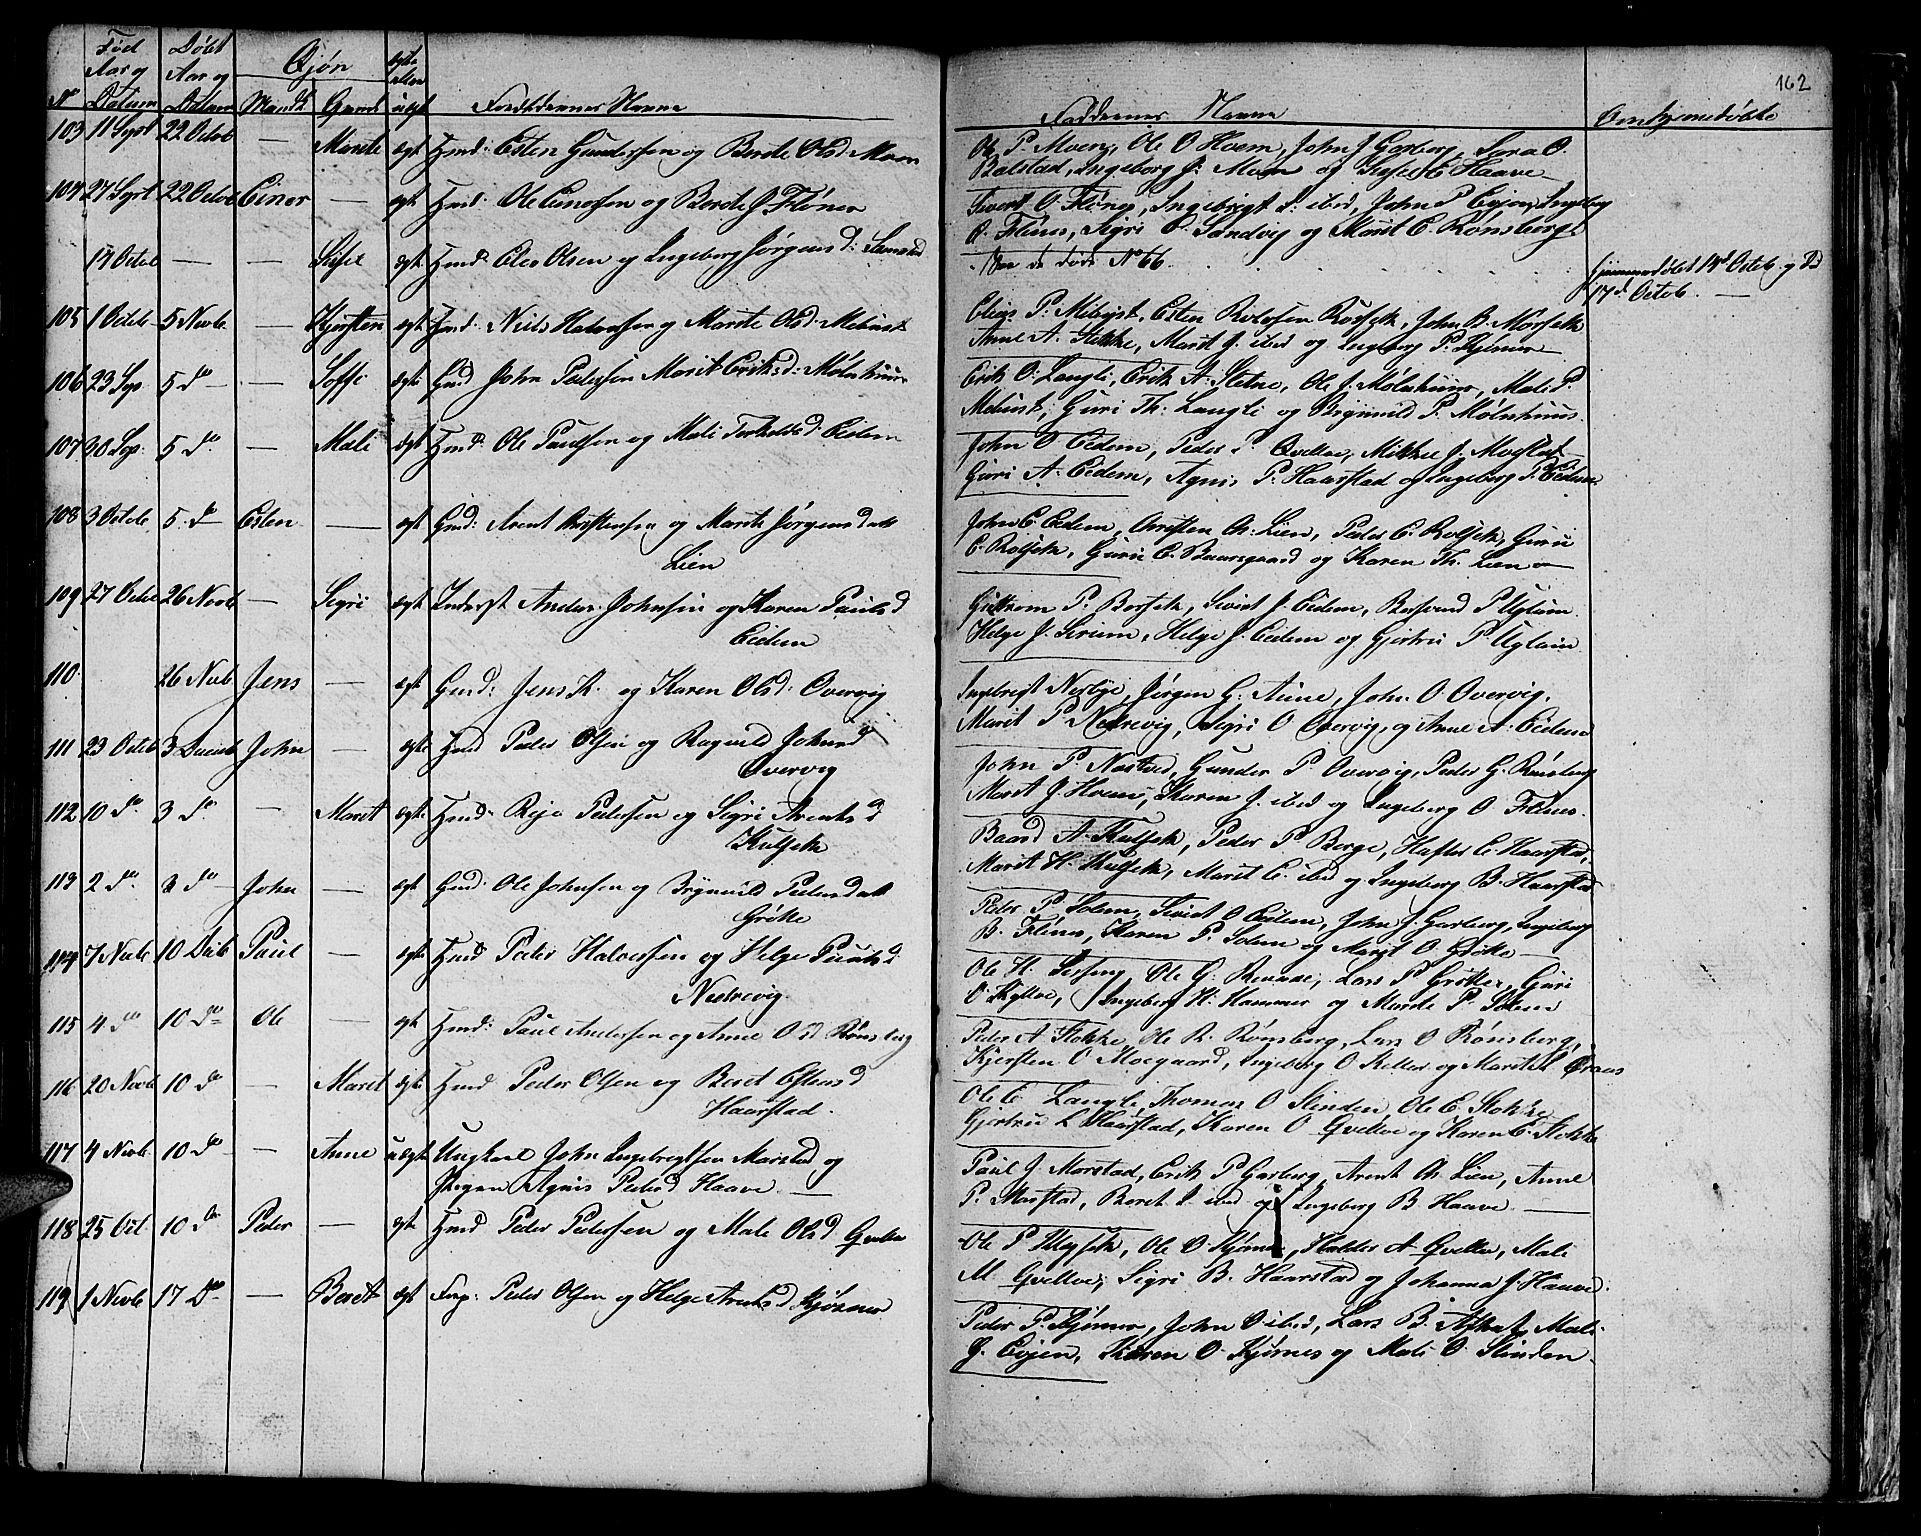 SAT, Ministerialprotokoller, klokkerbøker og fødselsregistre - Sør-Trøndelag, 695/L1154: Klokkerbok nr. 695C05, 1842-1858, s. 162